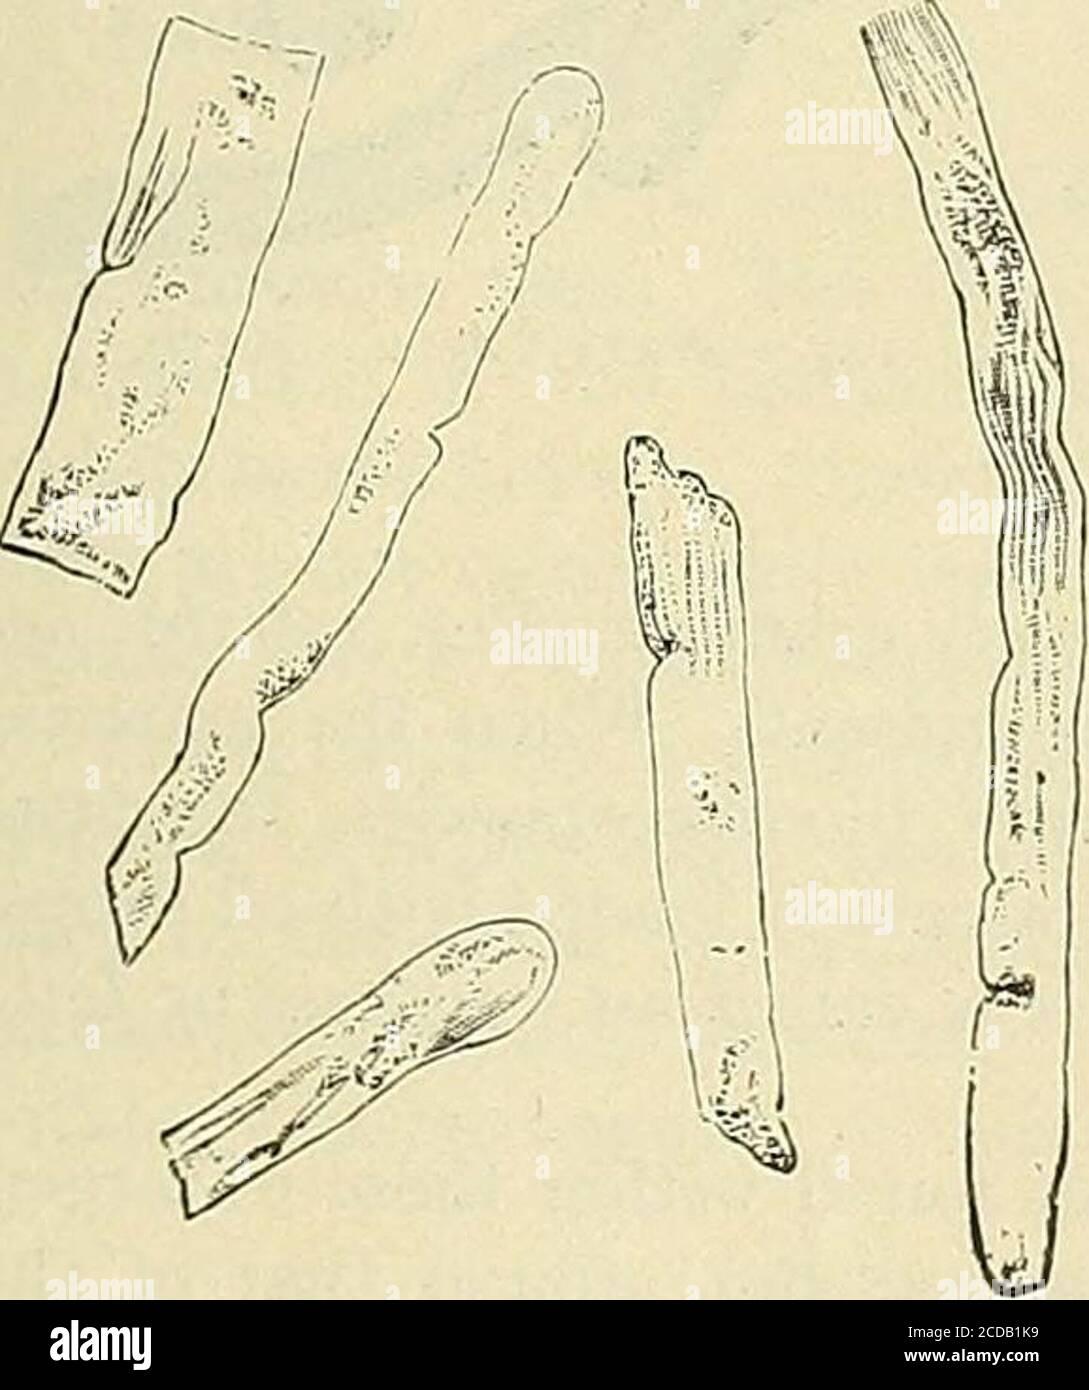 . La pratique de la médecine; un livre de texte pour les praticiens et les étudiants, avec une référence spéciale au diagnostic et au traitement . Figure 121.—Fig. Épithéliale 122.—pus Cast.Casts et GranularFatty Renal CEUS. 123.—diffusion de sang—{prise de sang). La substance de base des moulages de sang est probablement la fibrine du sang.si l'épithélium est fermement attaché à la membrane basale du thétube et reste derrière lorsque le coulis, ou si le tube est entirelybereft de l'épithélium, alors est le casting une hyaline (Fig. 124) ou sans structure. Banque D'Images